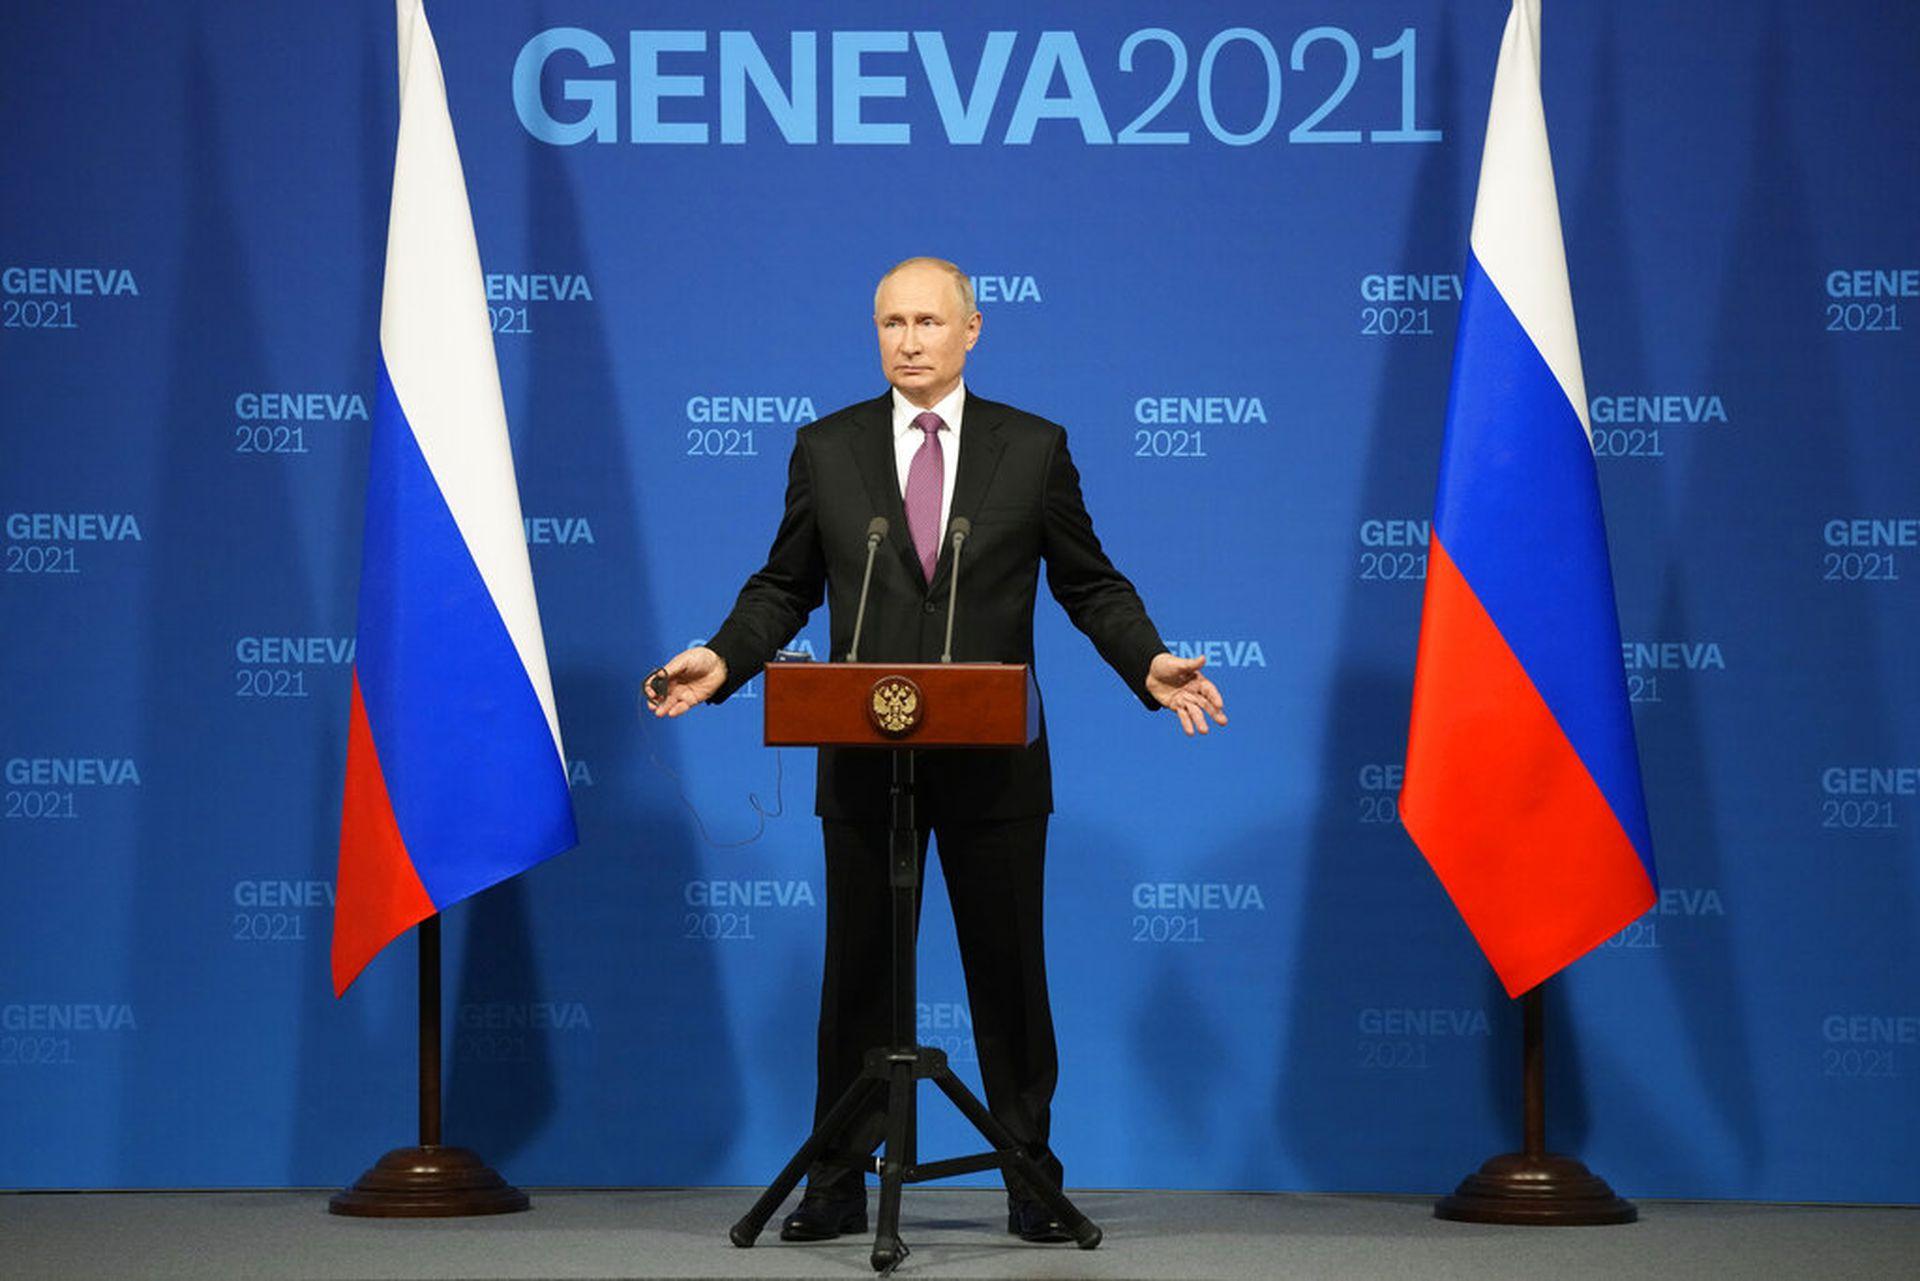 俄美首脑峰会结束 普京召开新闻发布会